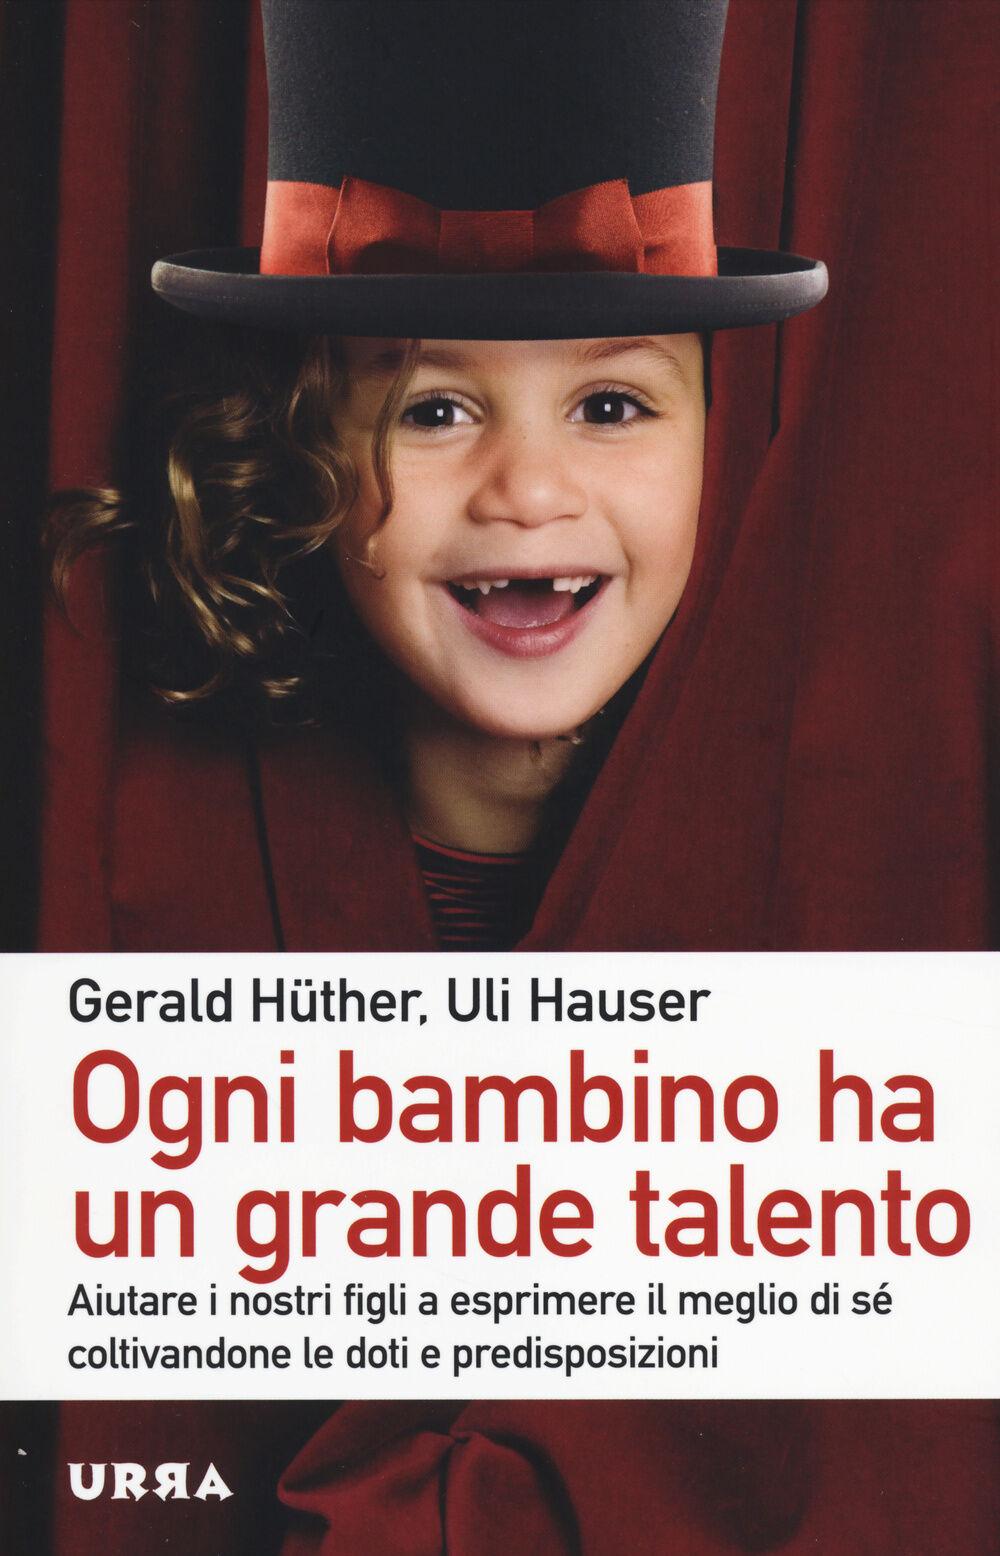 Ogni bambino ha un grande talento. Aiutare i nostri figli a esprimere il meglio di sé coltivandone le doti e predisposizioni